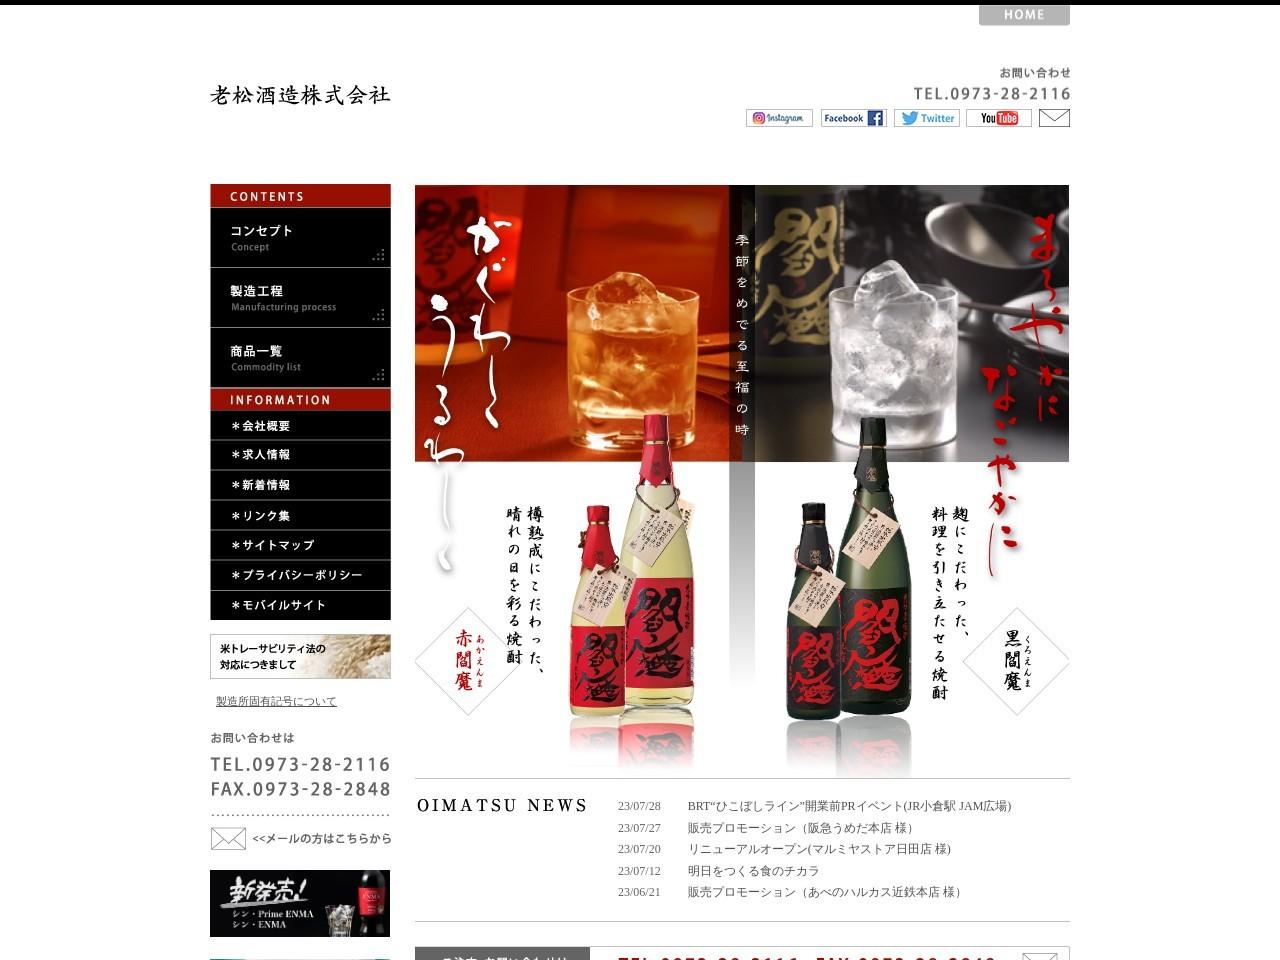 大分麦焼酎 老松酒造株式会社